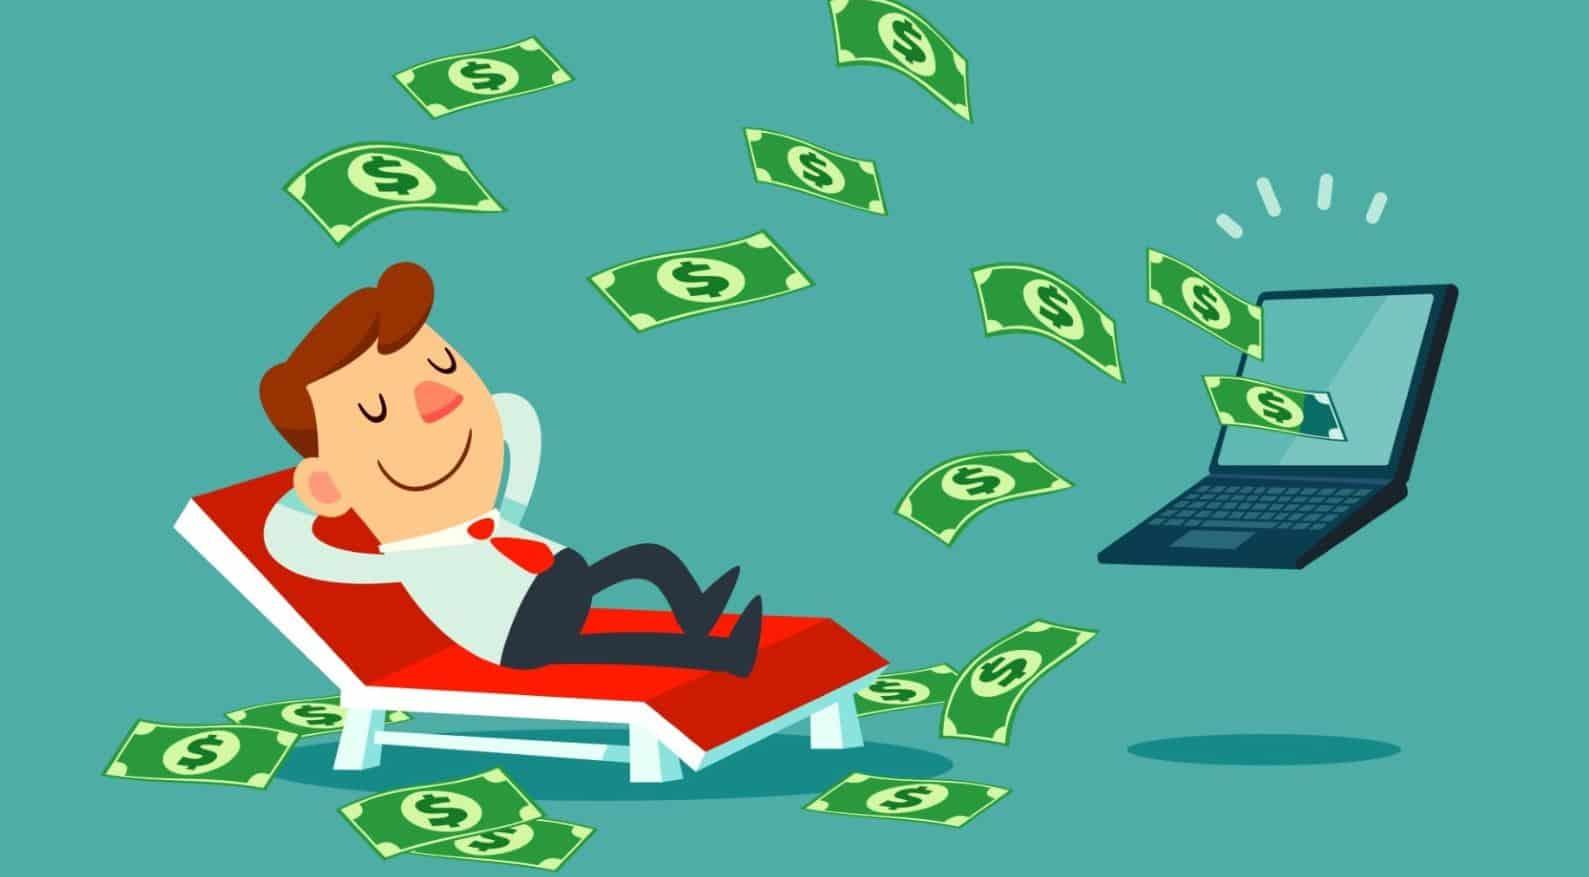 Hvordan kan du tjene penger på nett